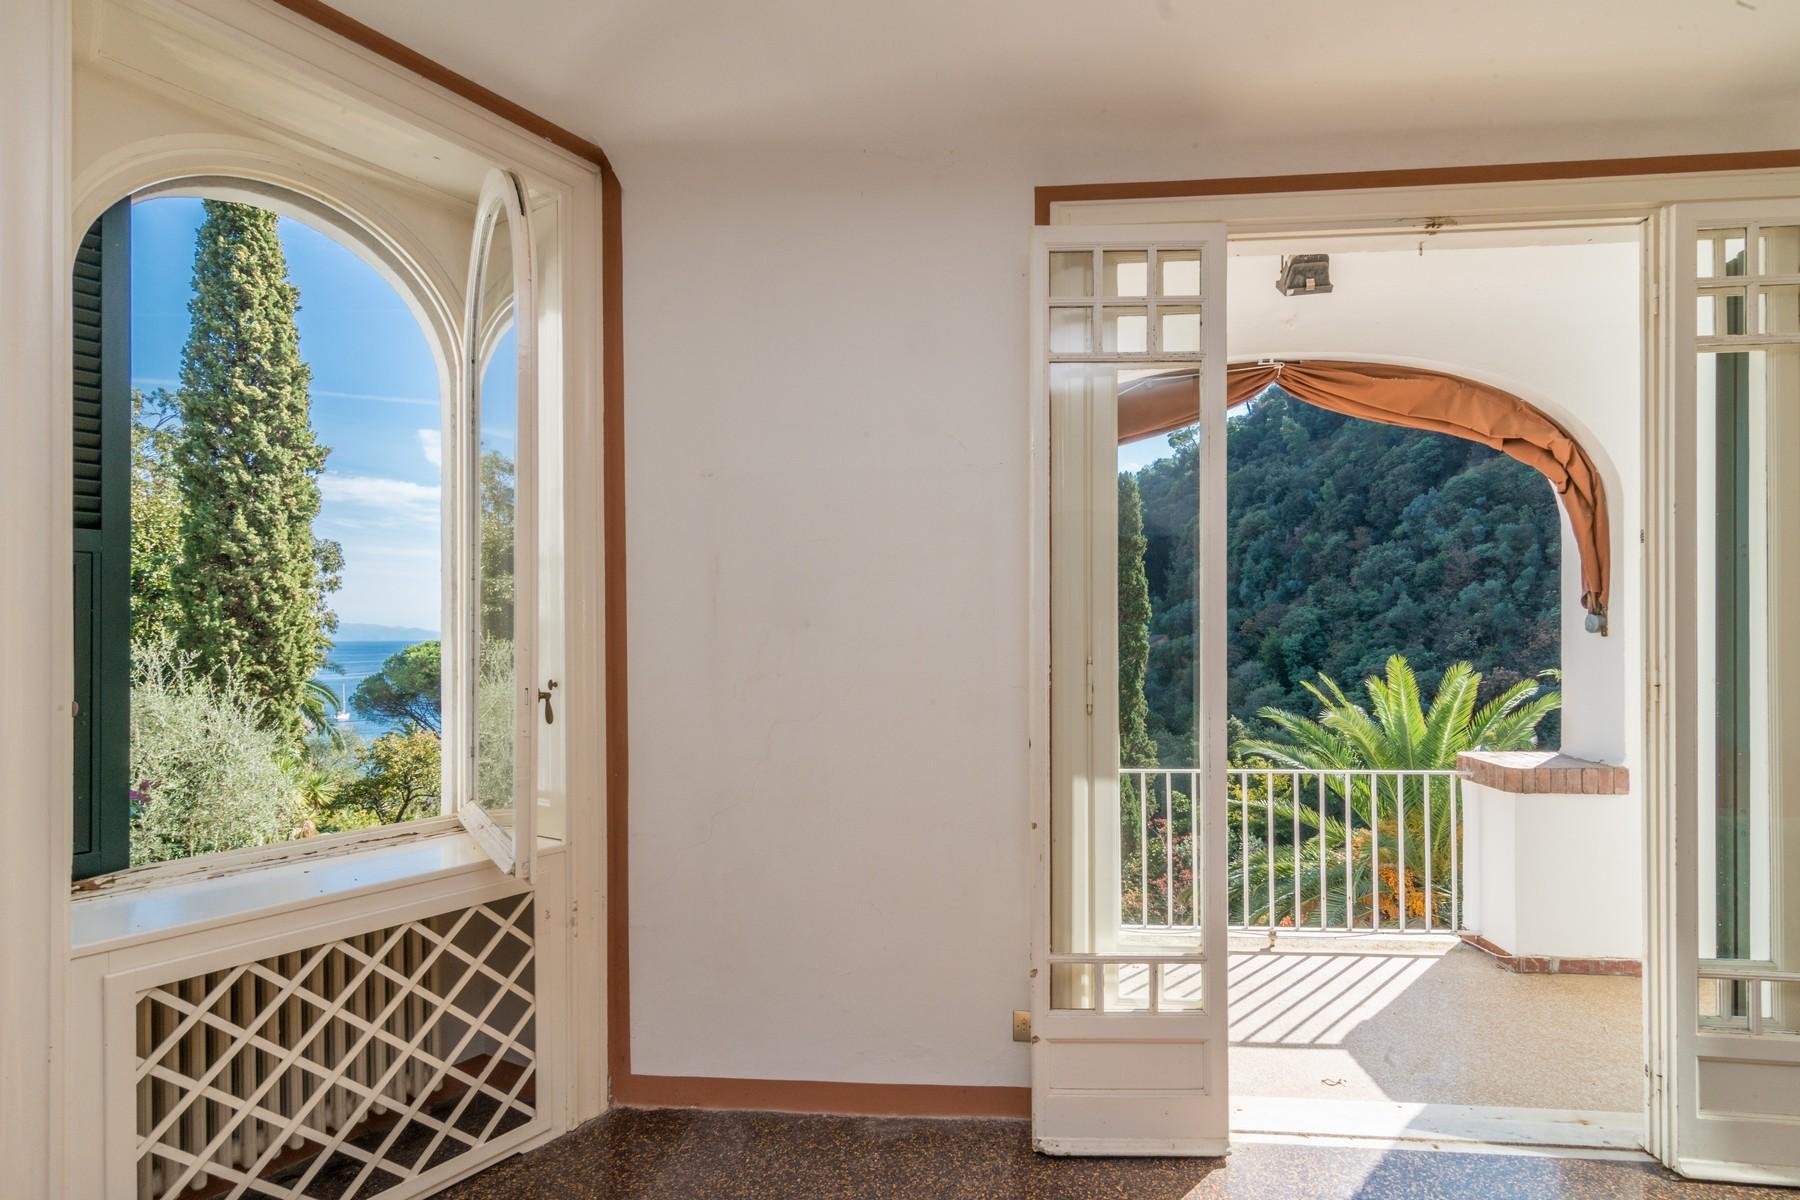 Appartamento in Vendita a Santa Margherita Ligure: 5 locali, 230 mq - Foto 10